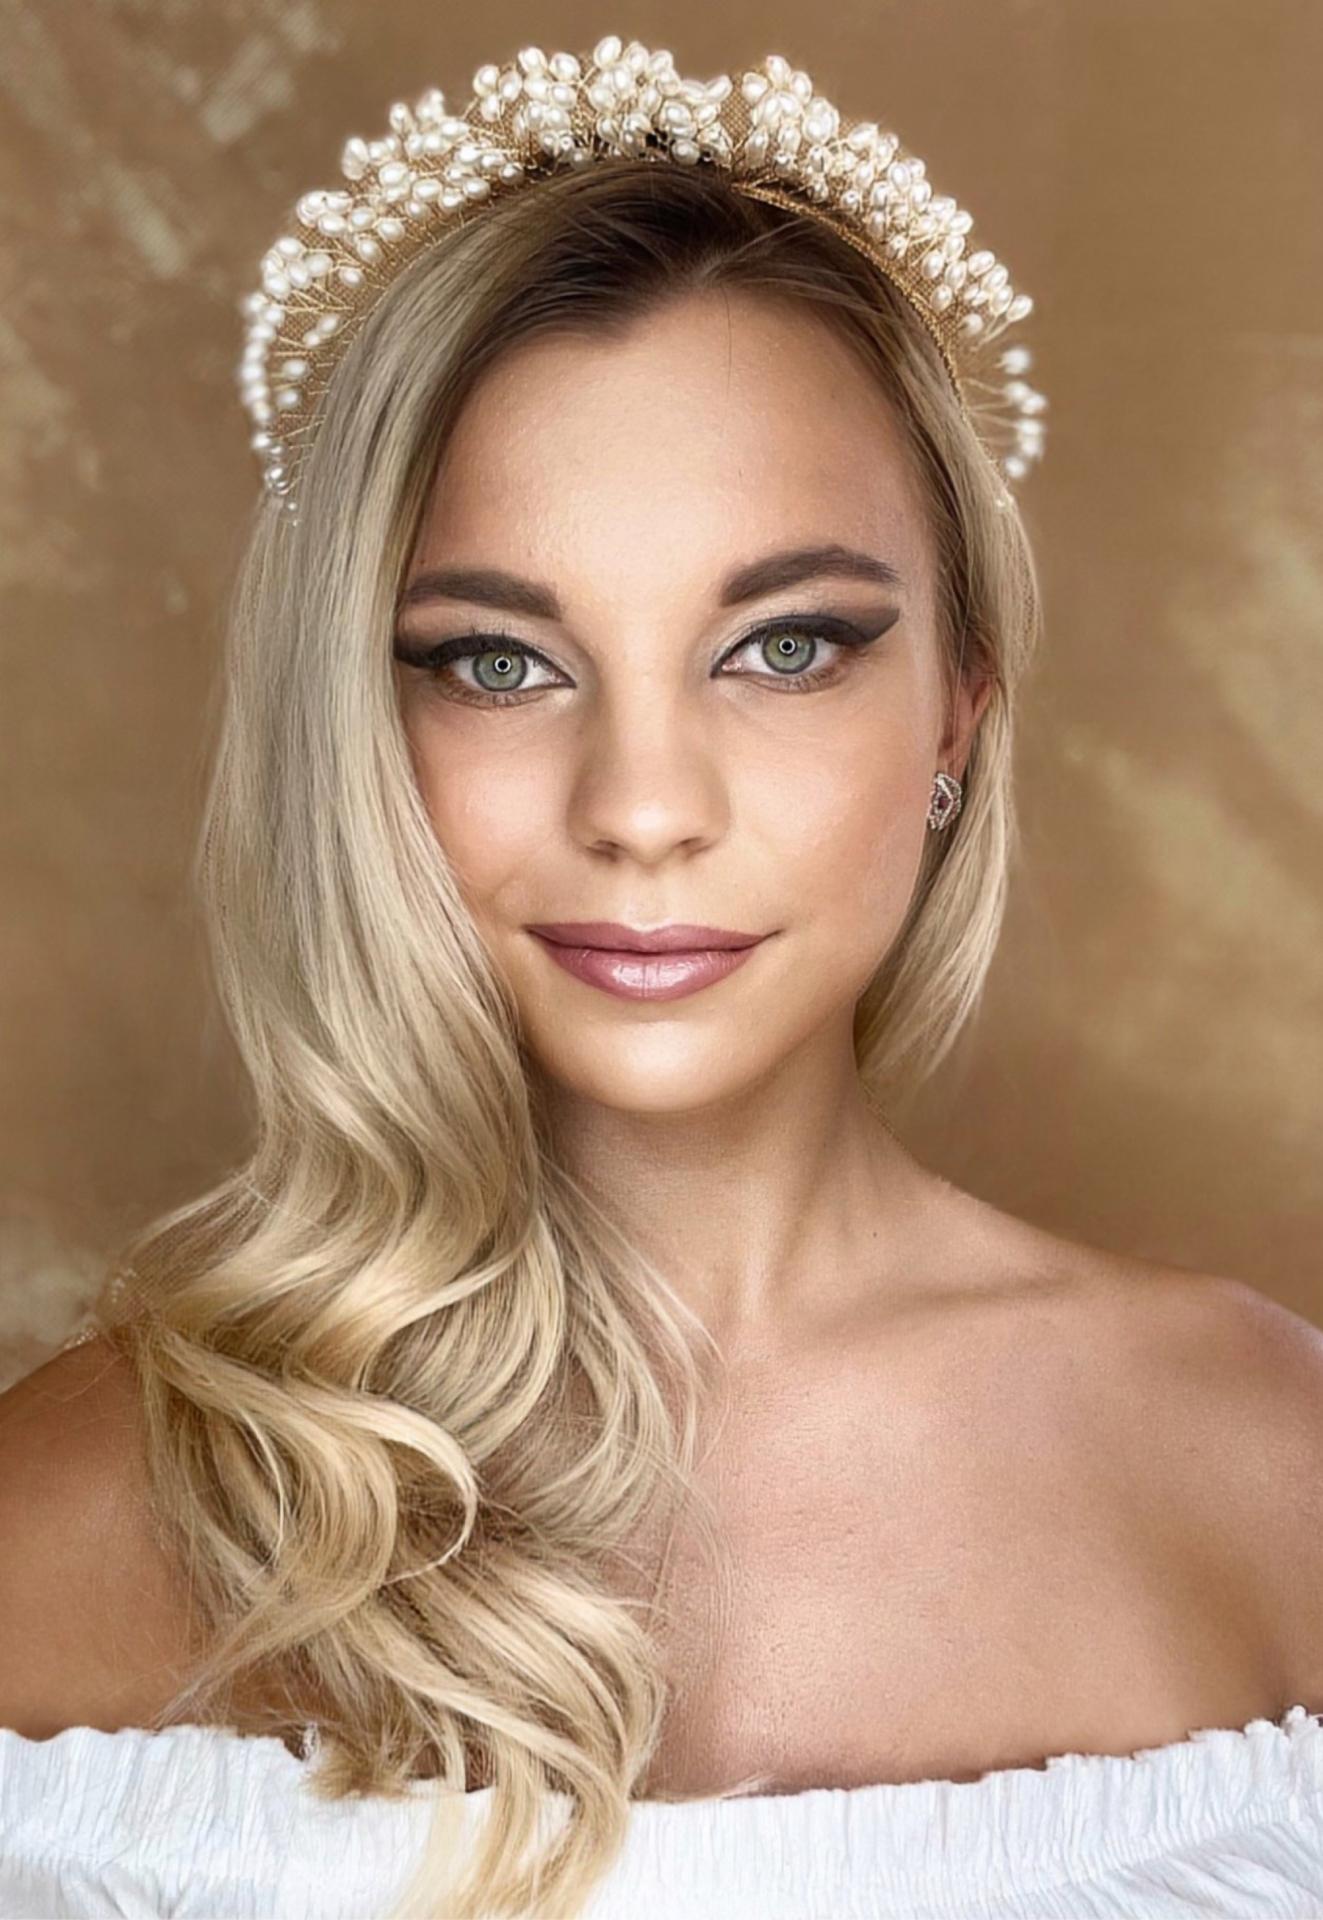 mua_denisav - Svadobný make-up a účes. Make-up zameraný na prirodzenú, žiarivú pleť a výraznejšie tieňovanie očí.